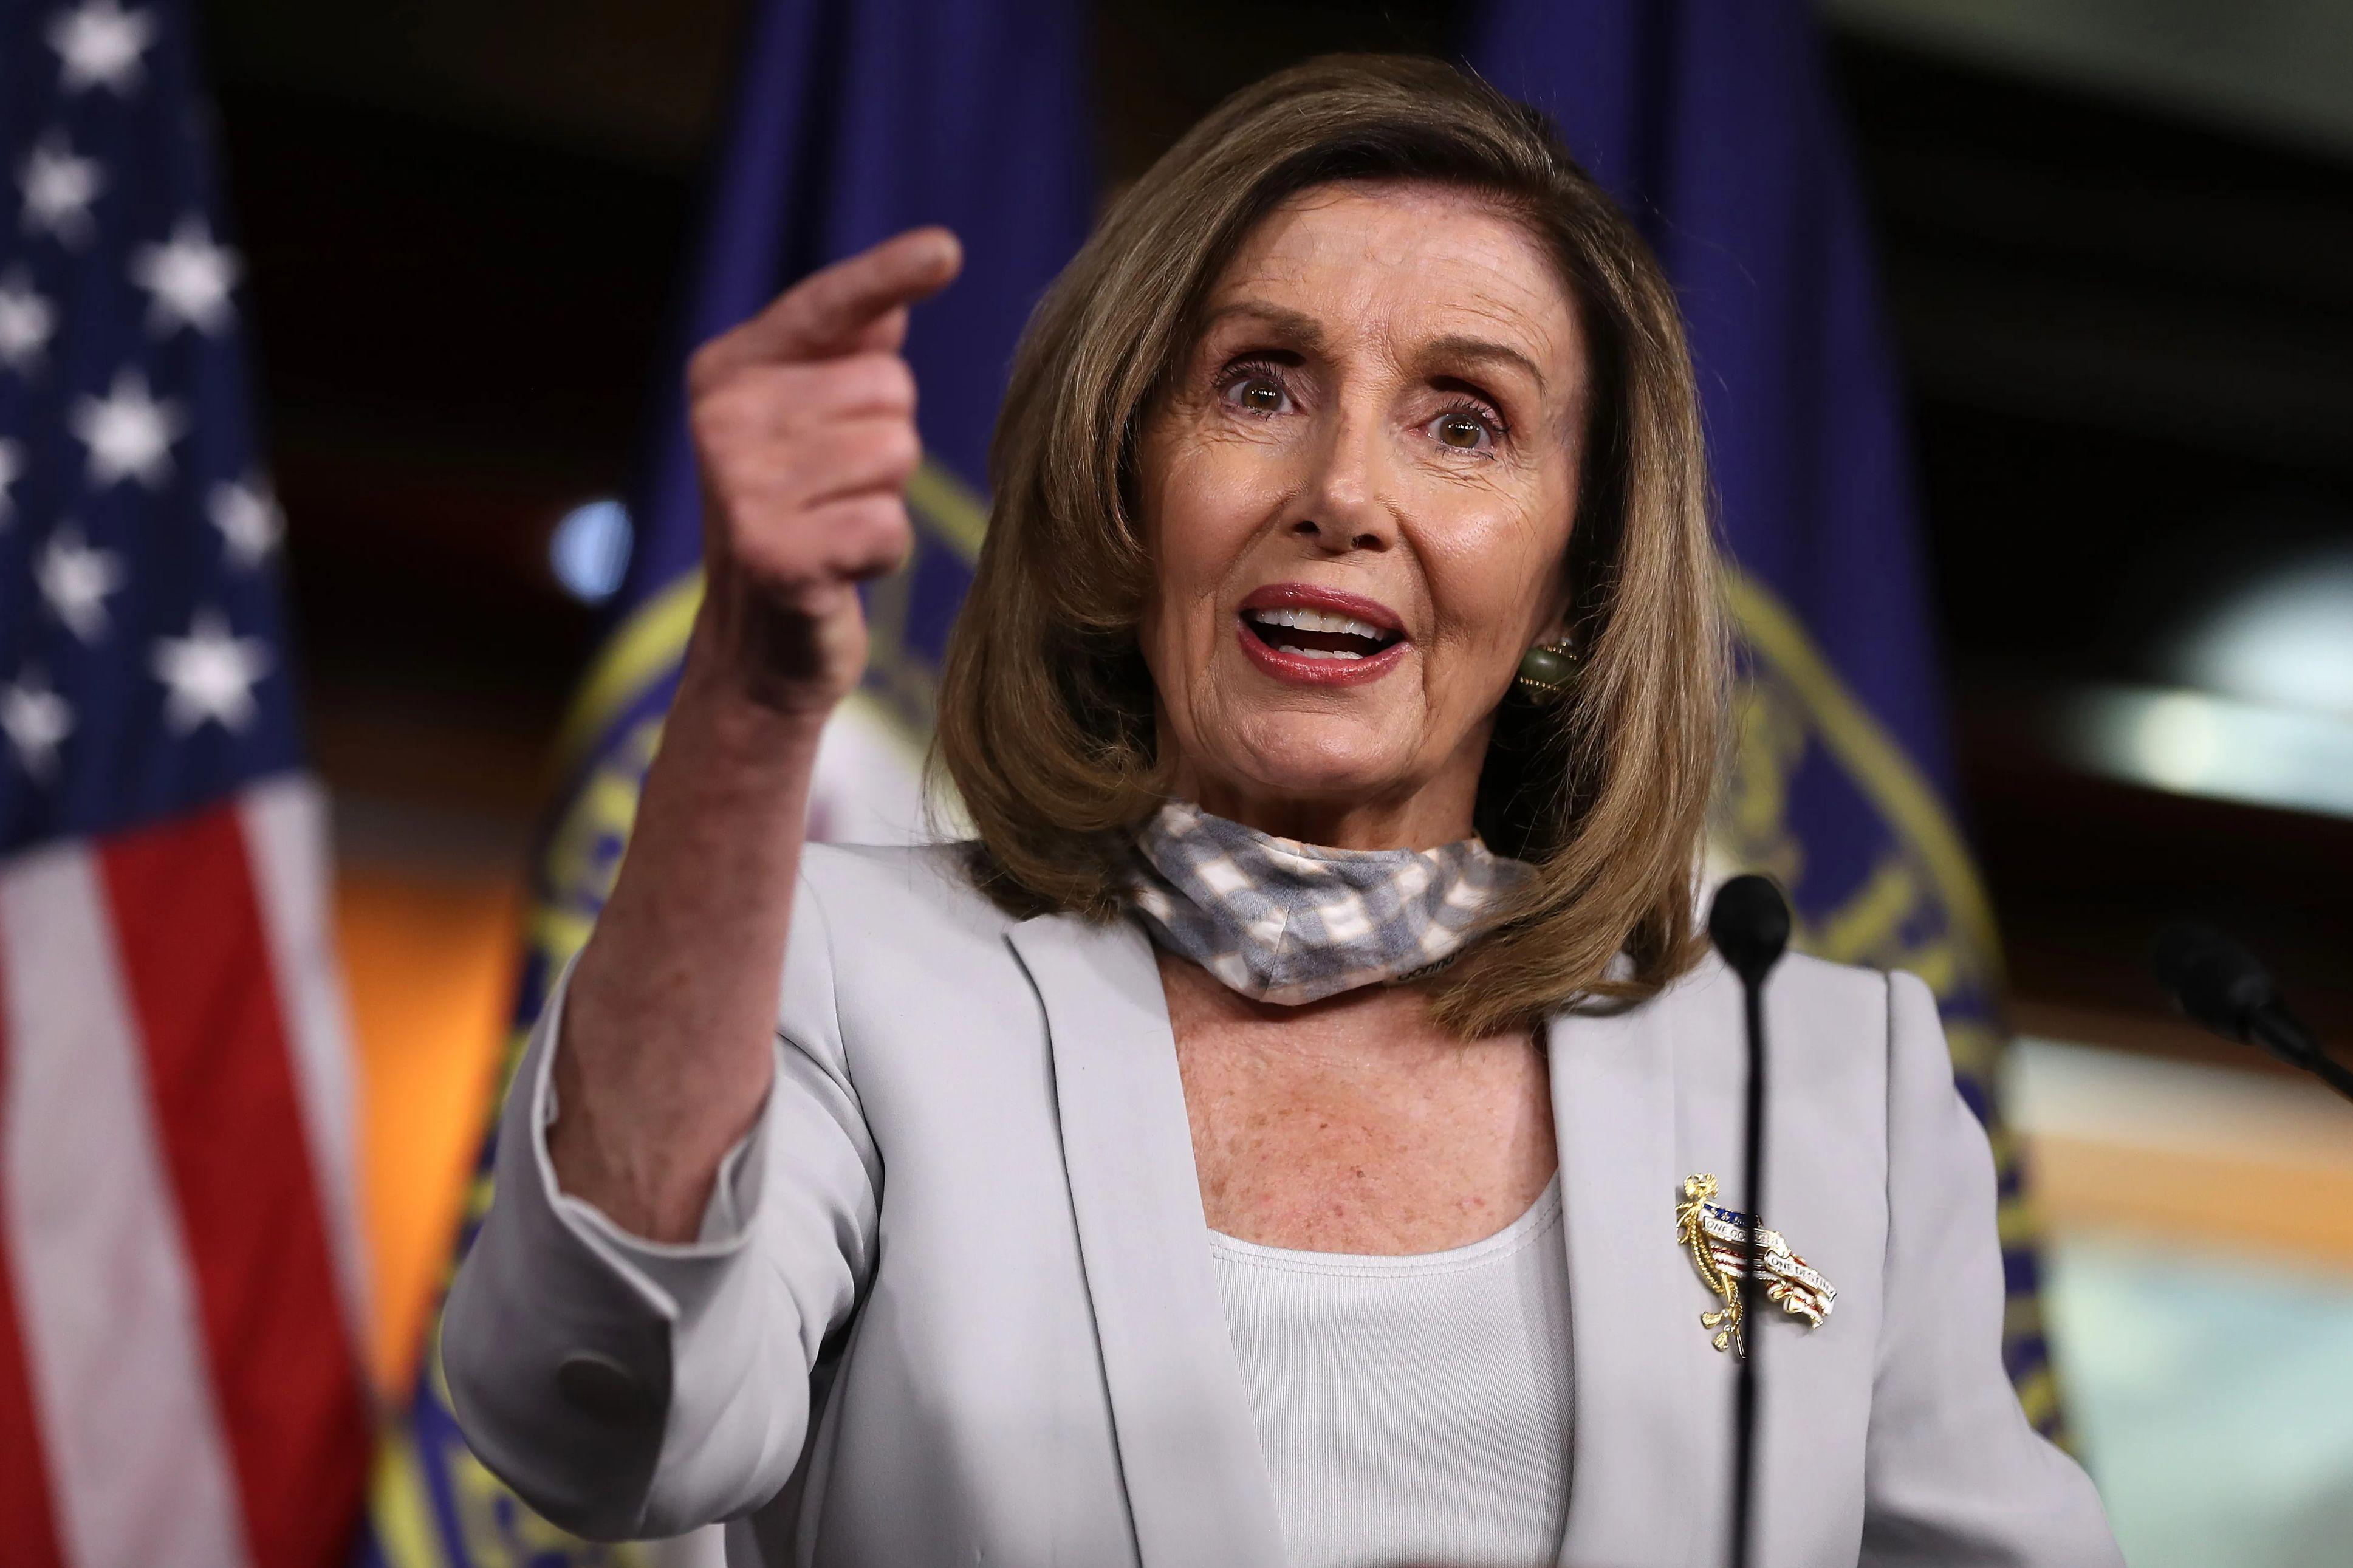 Nancy Pelosi speaks in Congress.